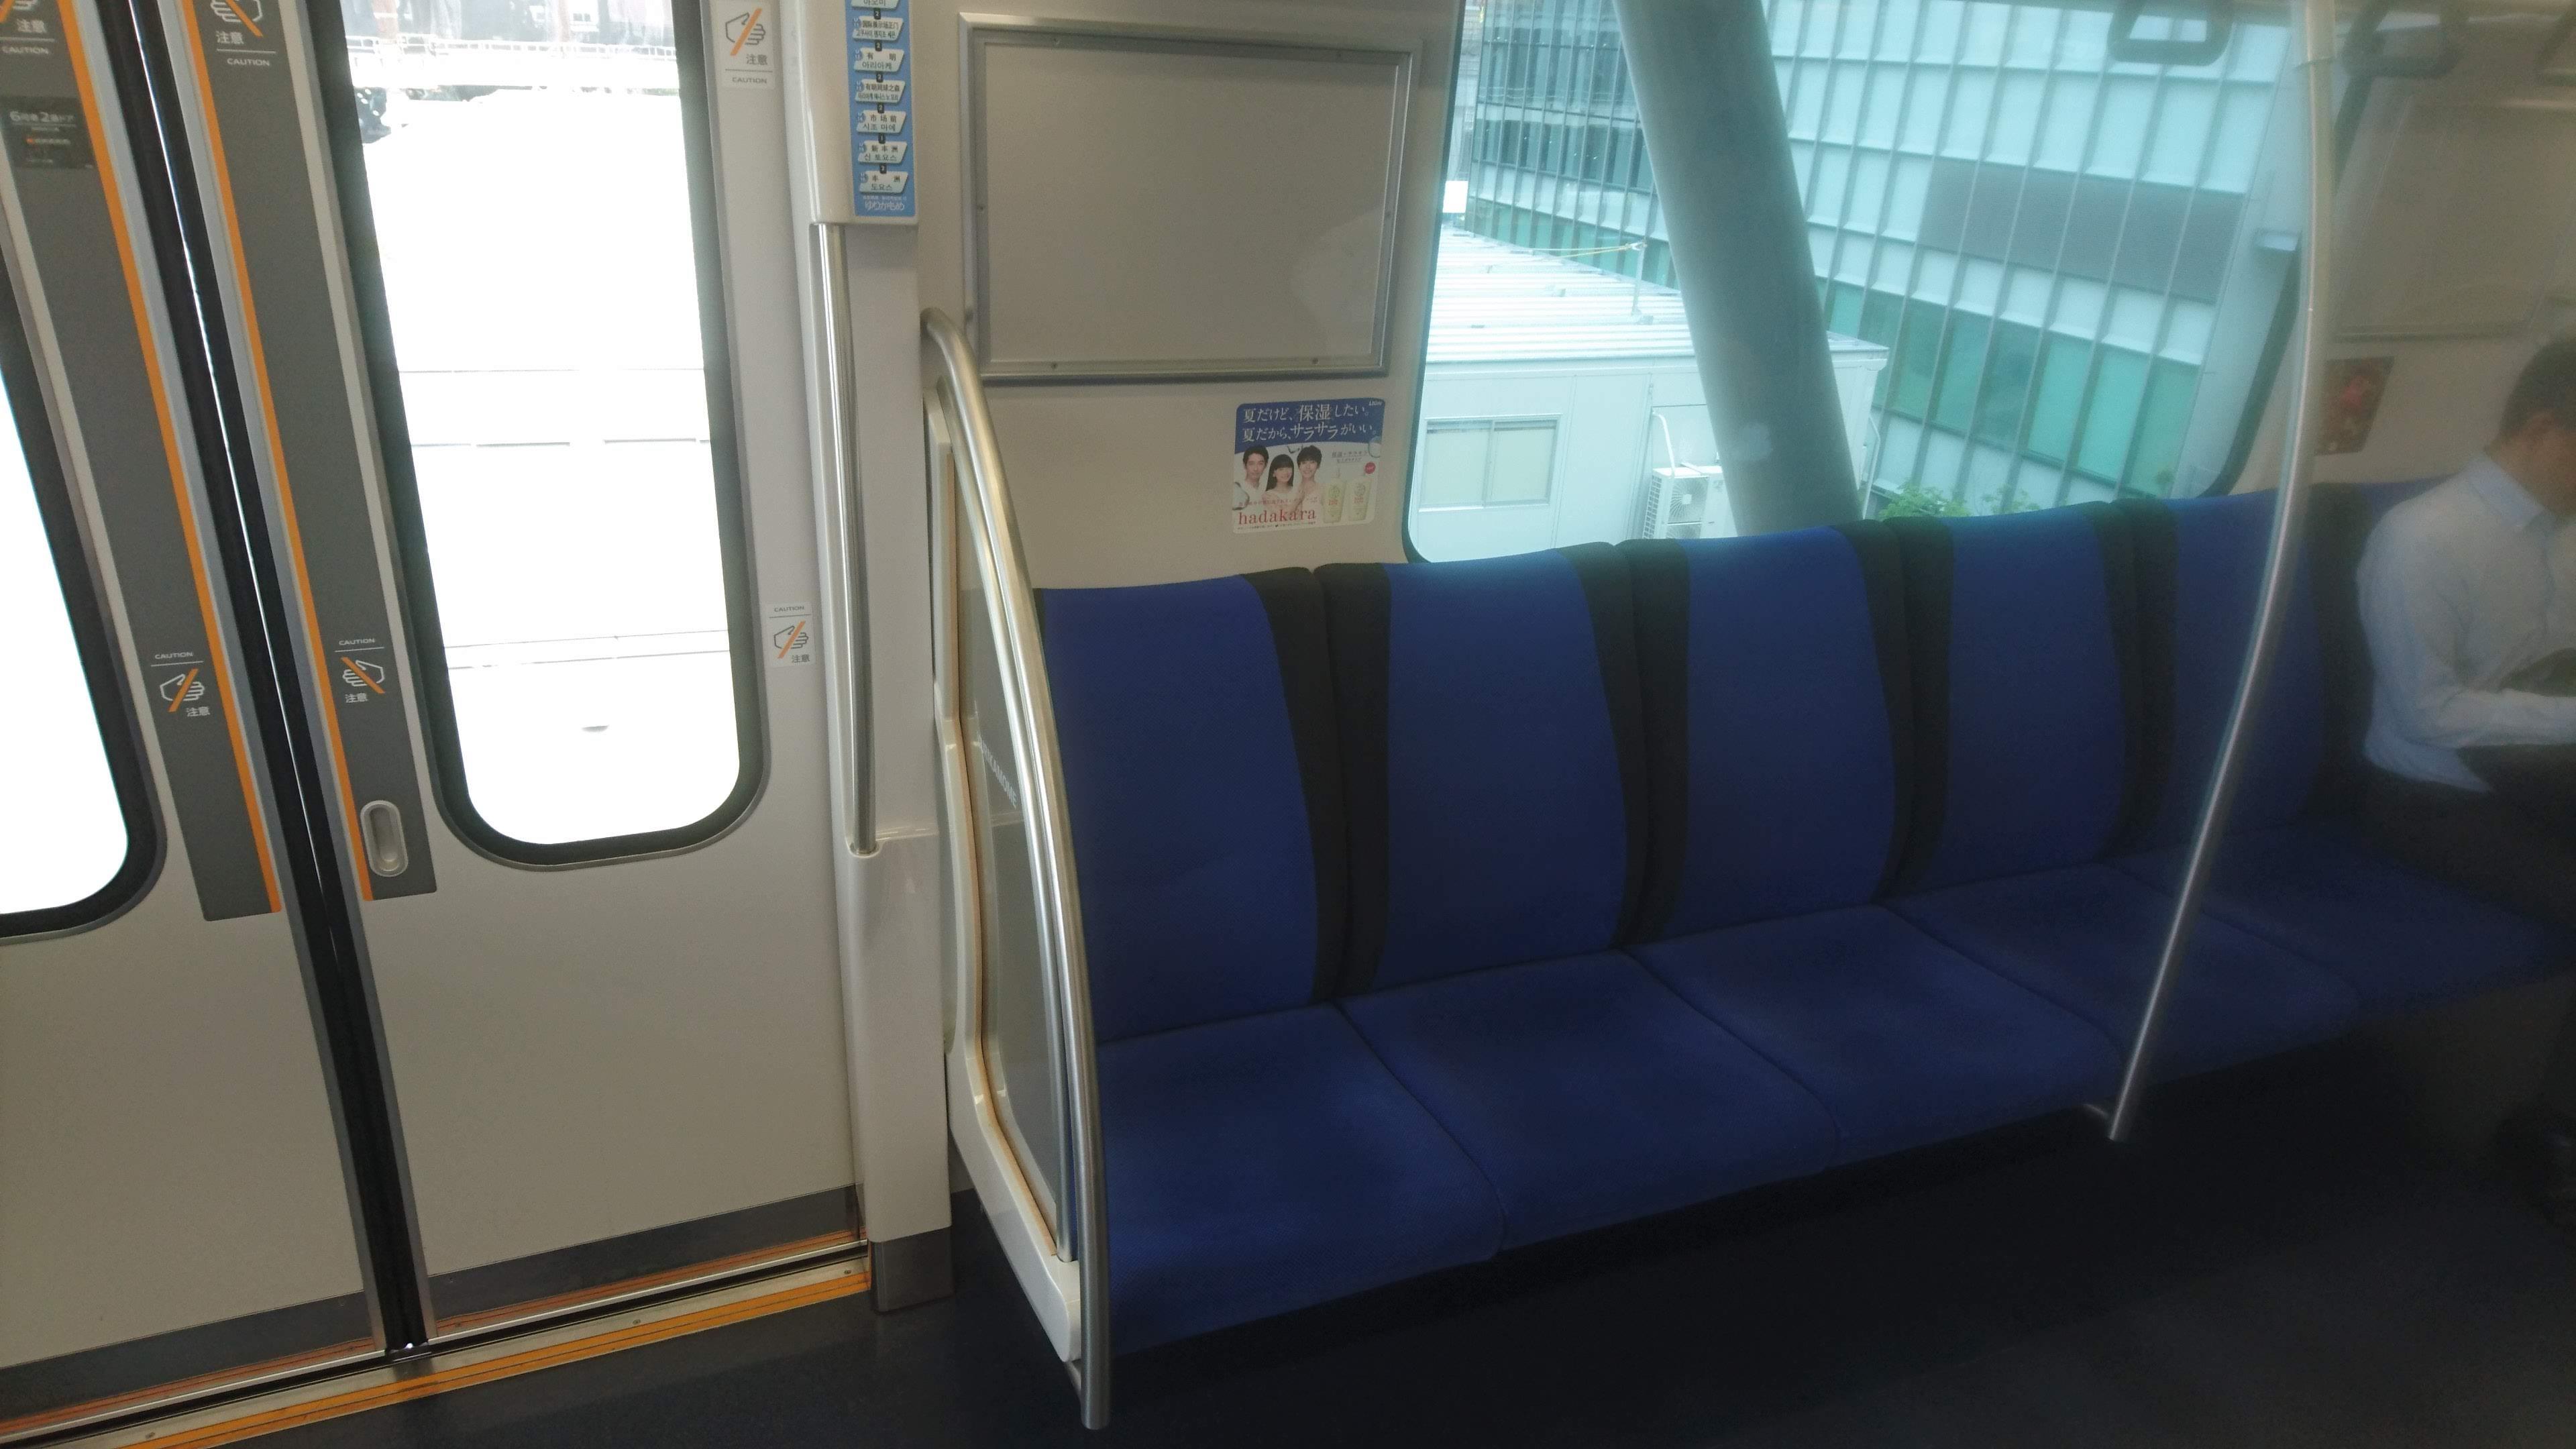 端から2番目の席が好きです。電車の窓の窪み、そのヘリに頭蓋をもたせ掛けるのだ。寸暇を惜しんで、1秒でも多く仮眠を摂っておくのだ。